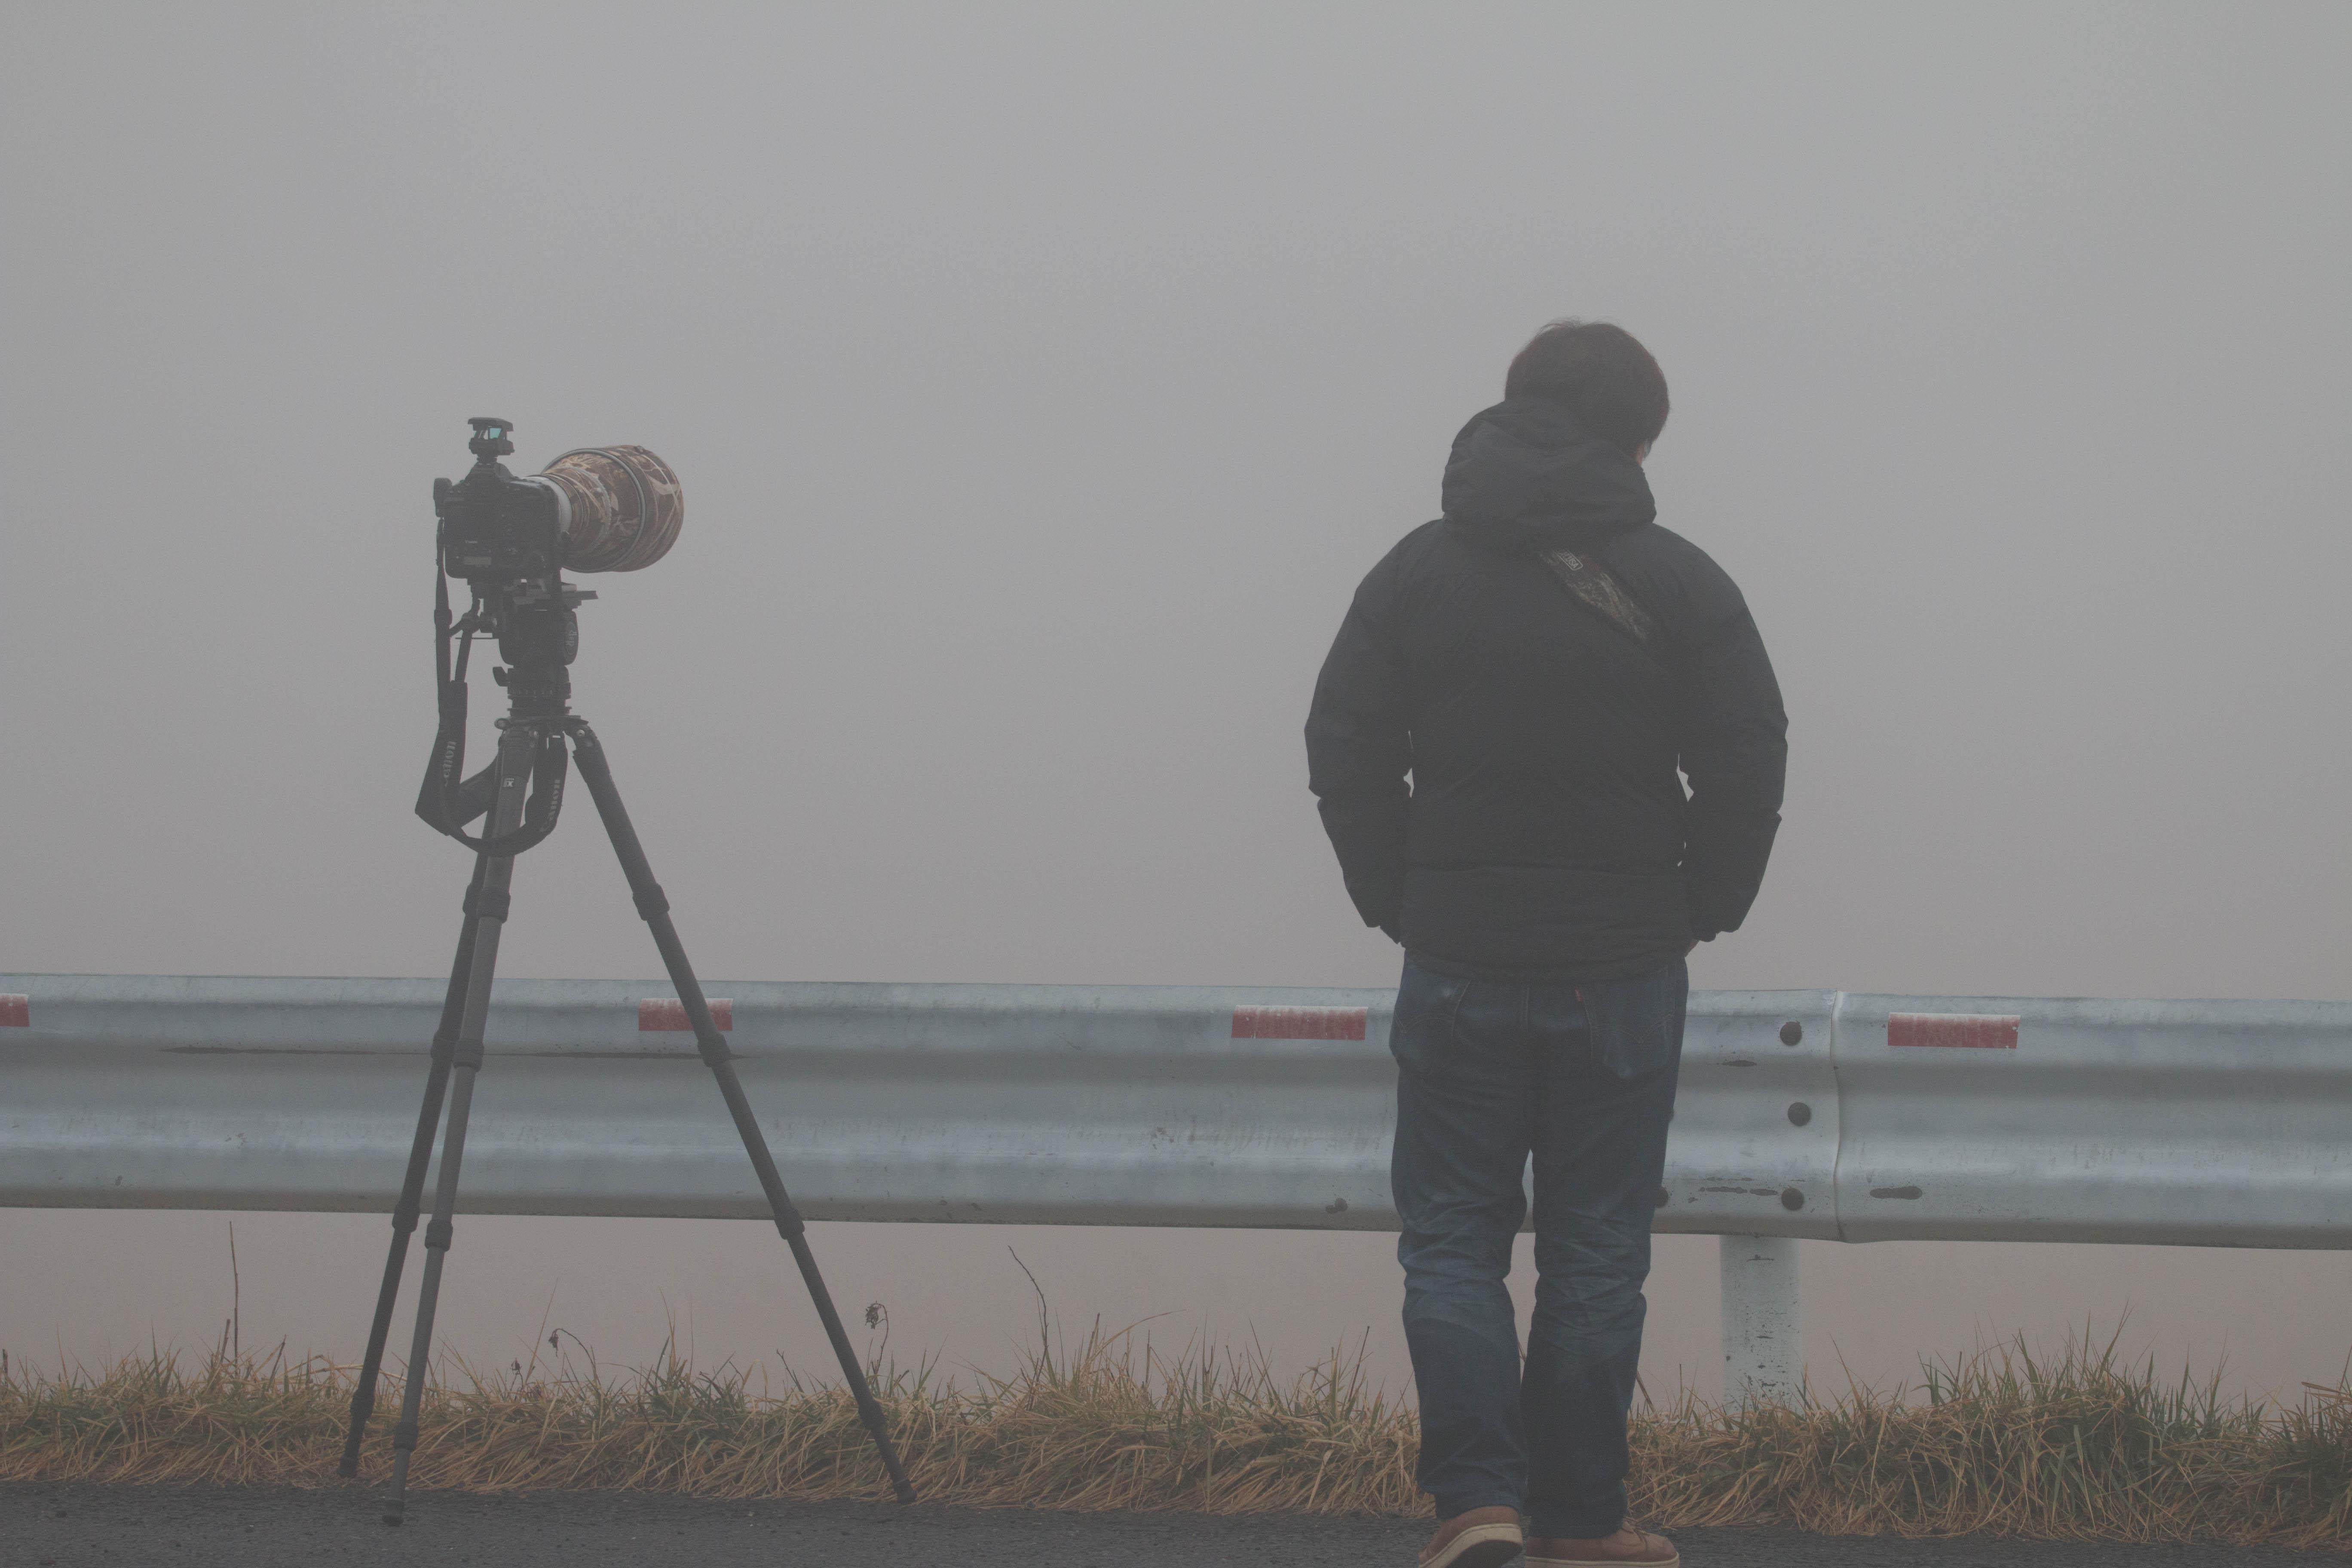 渡瀬遊水地にて   これからも こんな風に写真撮っていたいなぁ